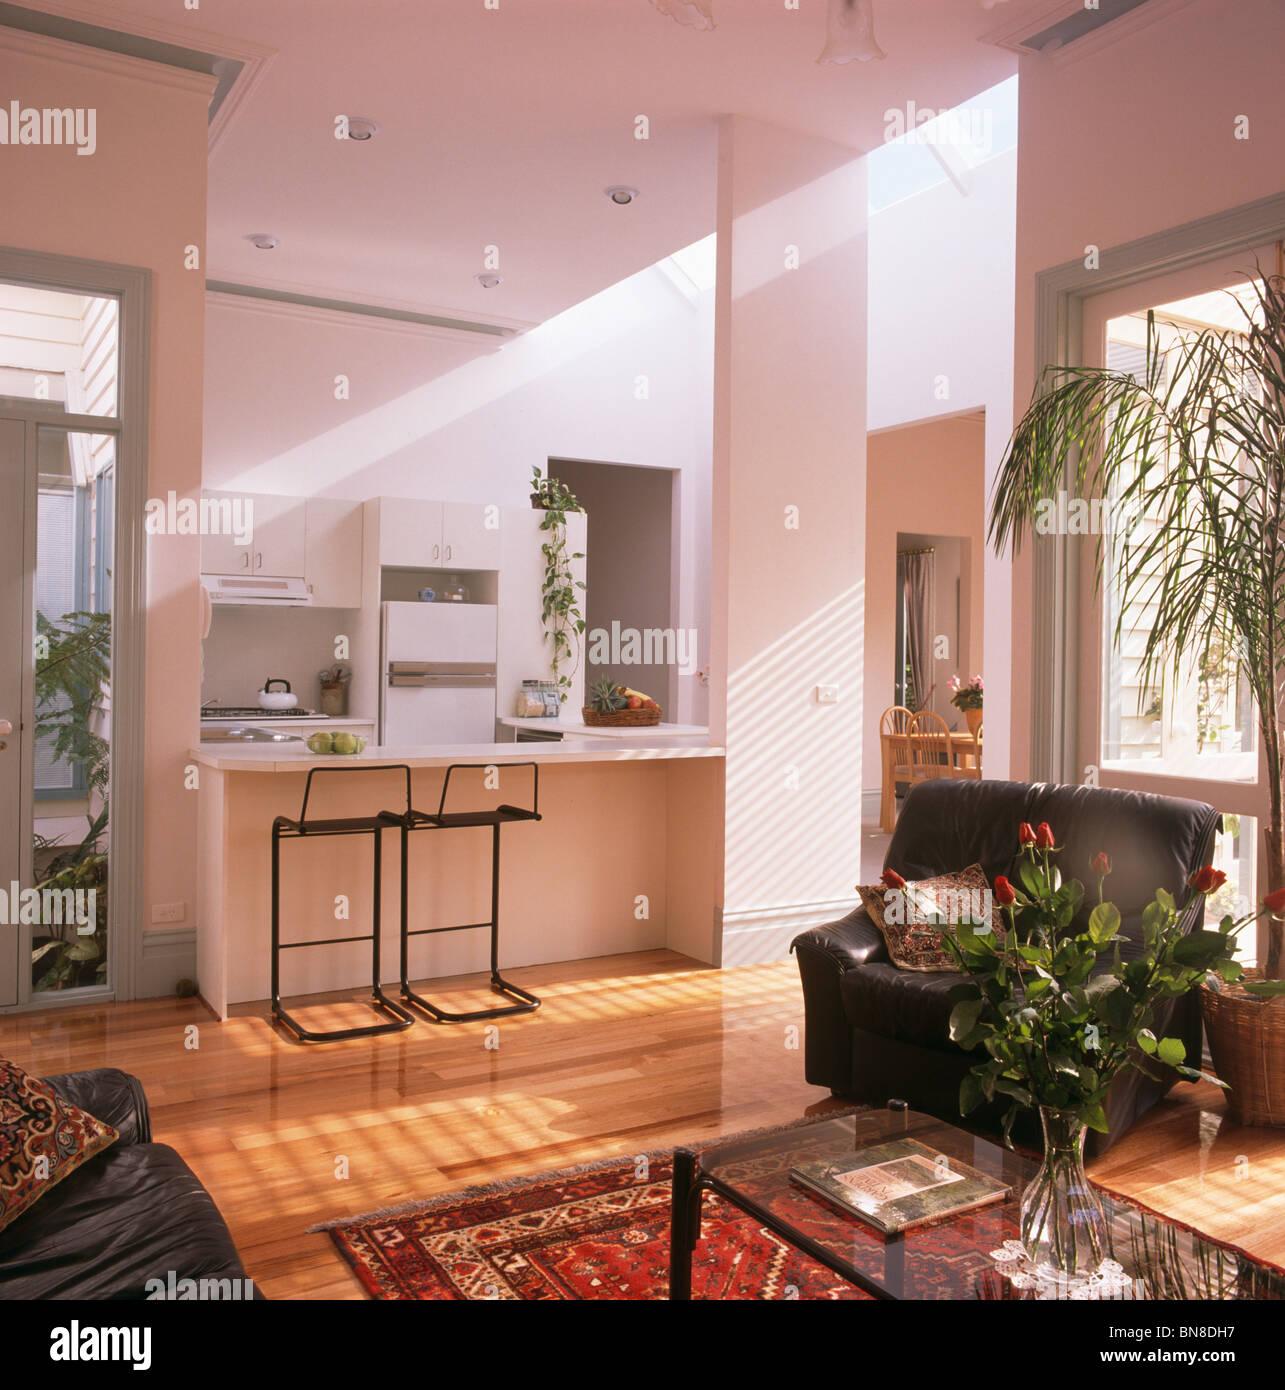 Hocker Im Frühstücks Bar Im Modernen Offenen Küche Und Wohnzimmer Mit  Holzboden